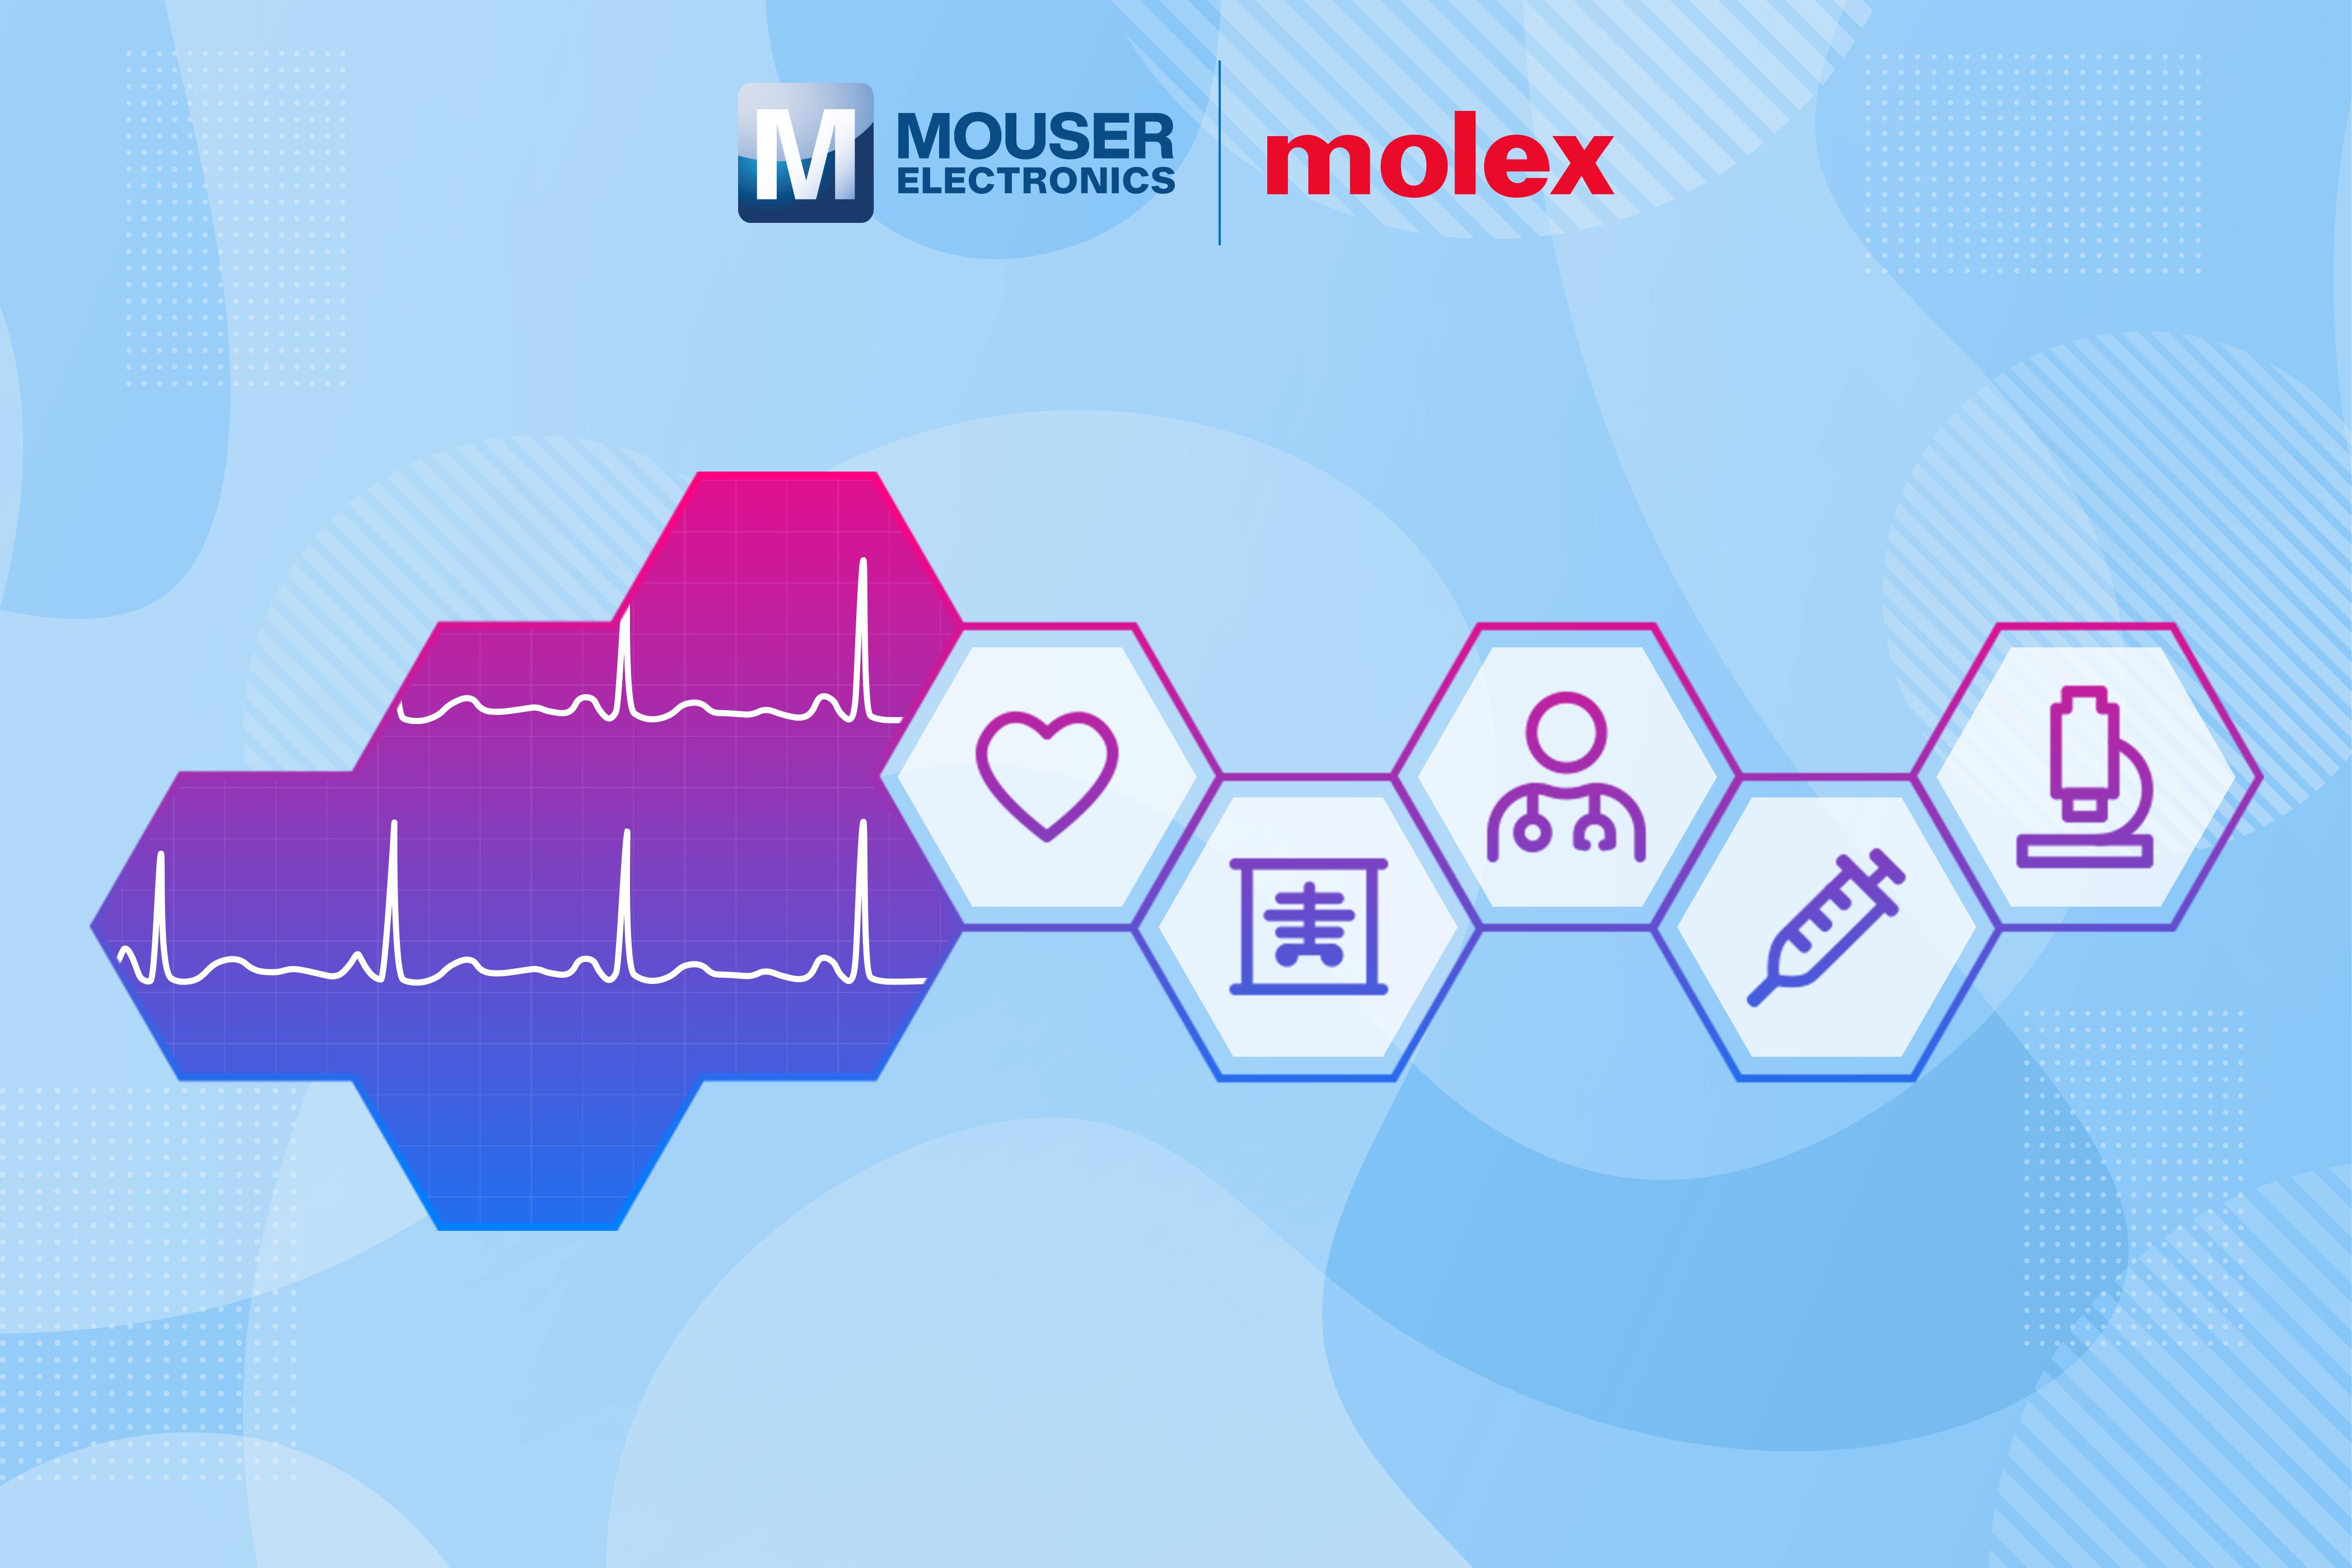 贸泽与Molex联手推出医疗解决方案专题网站